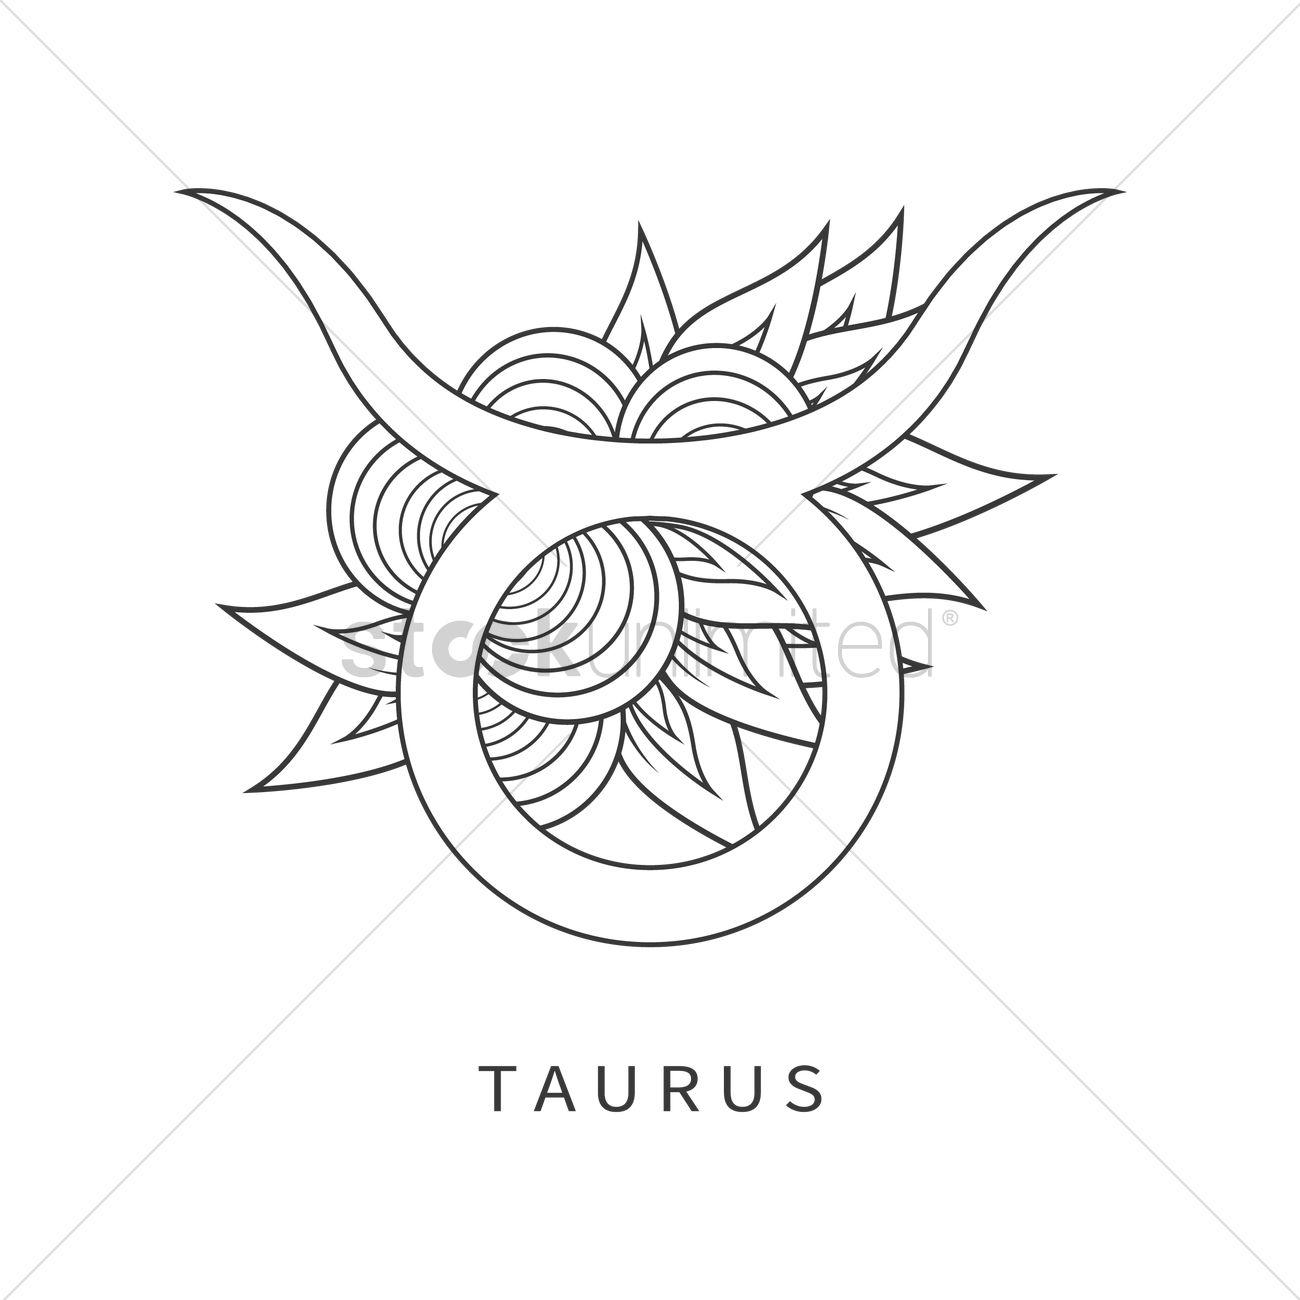 Draw A Taurus